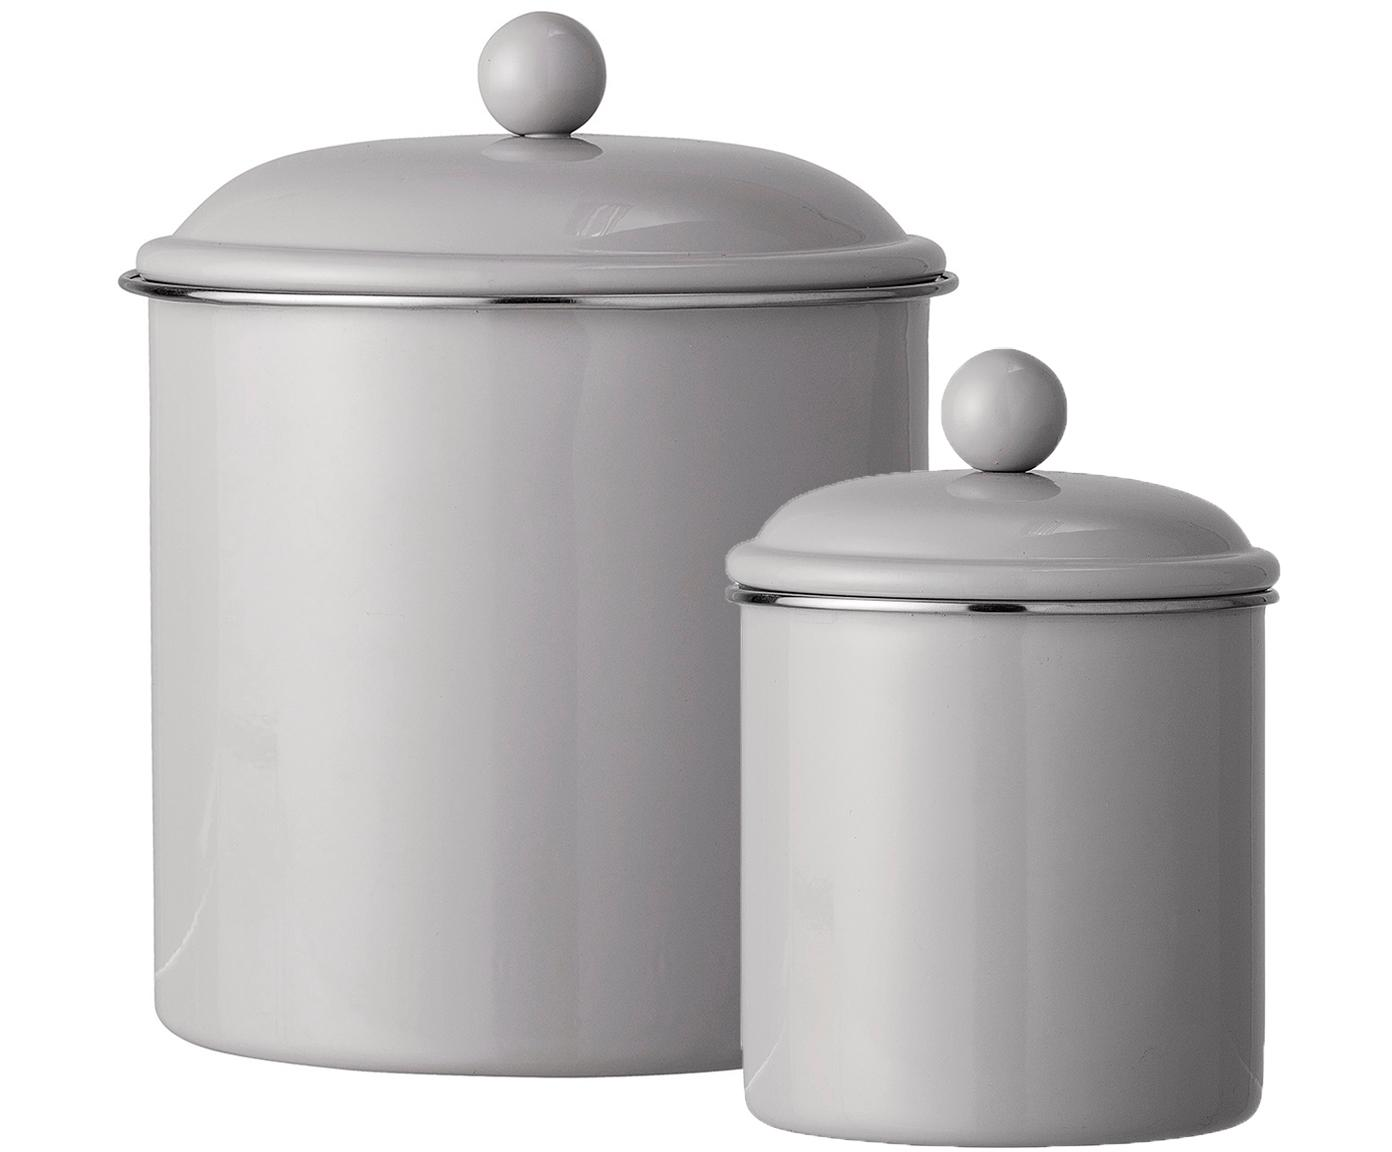 Set contenitori Clone, 2 pz., Metallo verniciato, Marrone chiaro, Diverse dimensioni